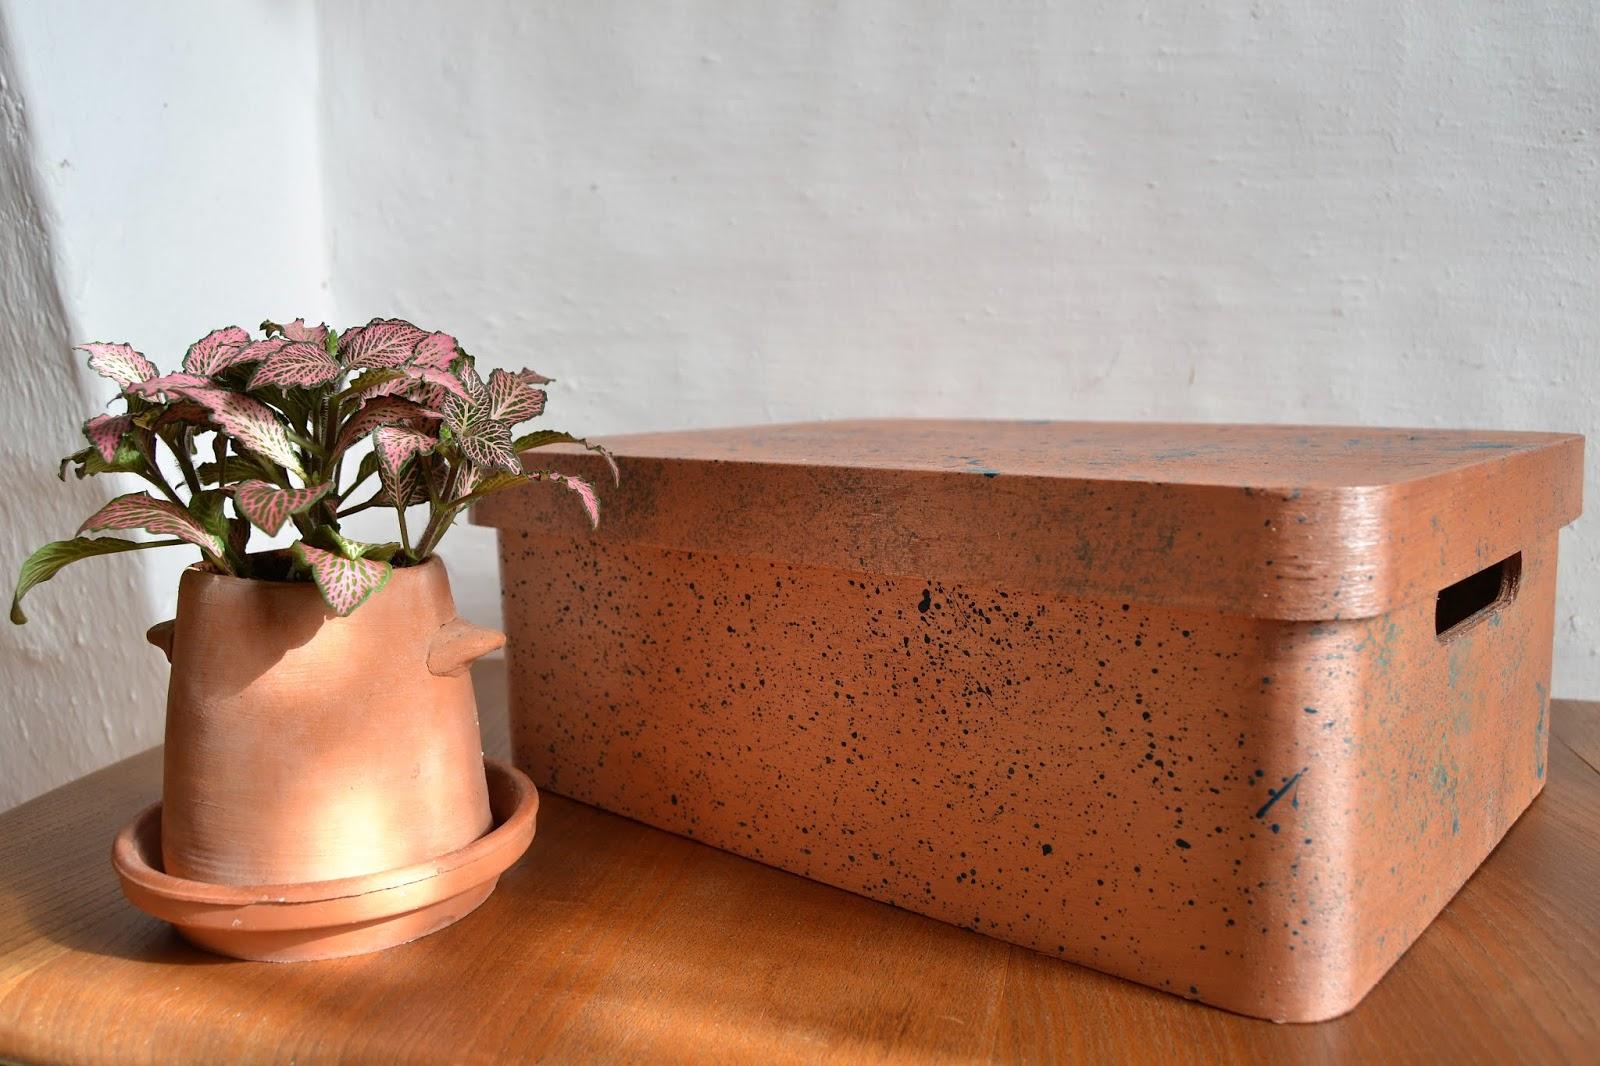 Diy cajas de madera pintadas con la técnica de splatter, gracias a Fleur Paint muestro como se hace una tendencia decorativa dinámica y espontanea como es el splatter